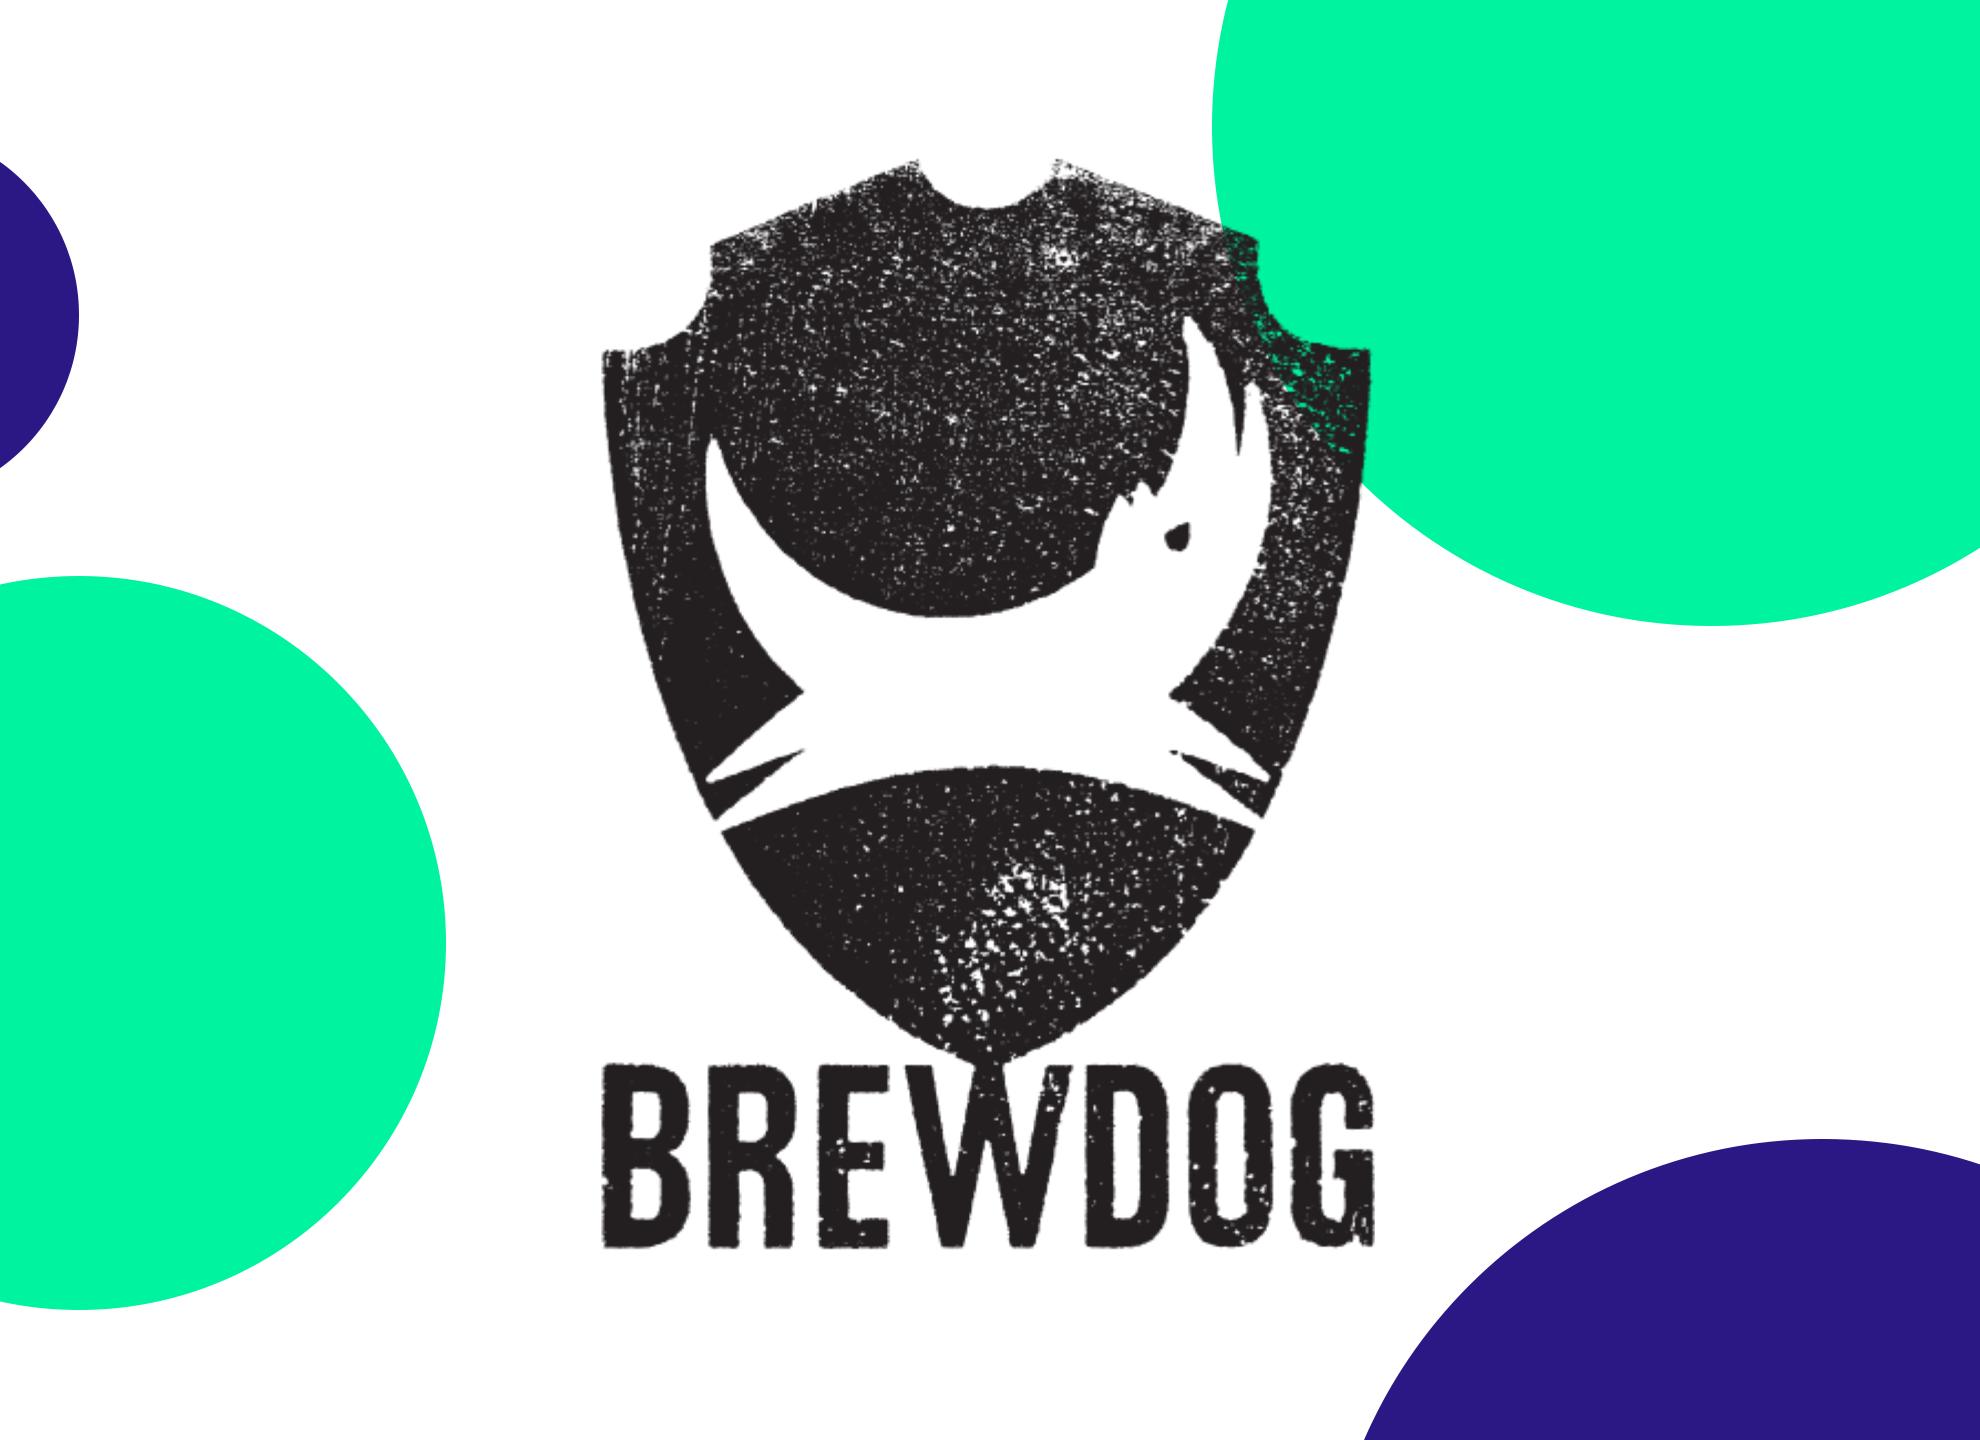 Brewdog beer brand logo